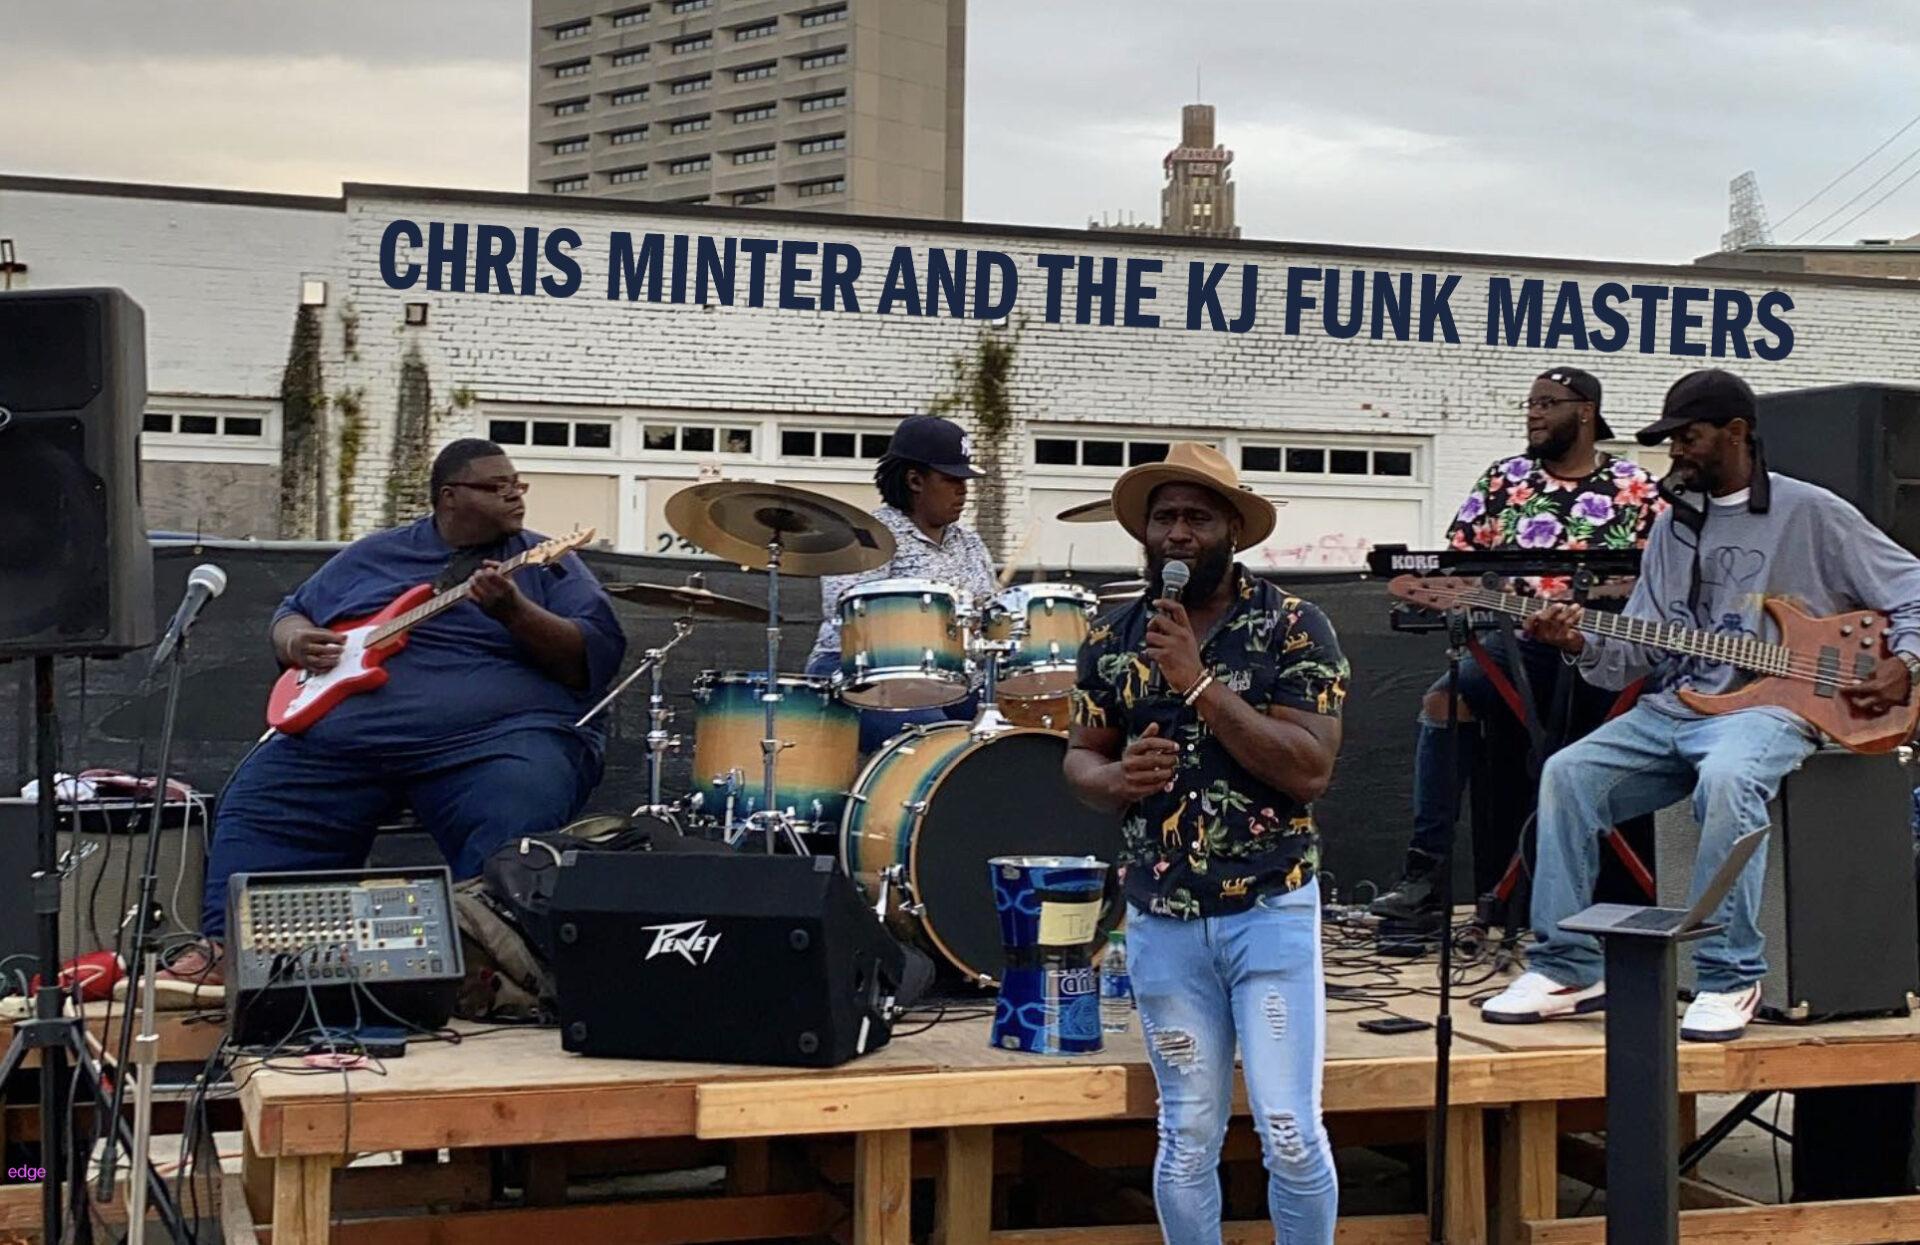 Chris Minter & the KJ Funk Masters